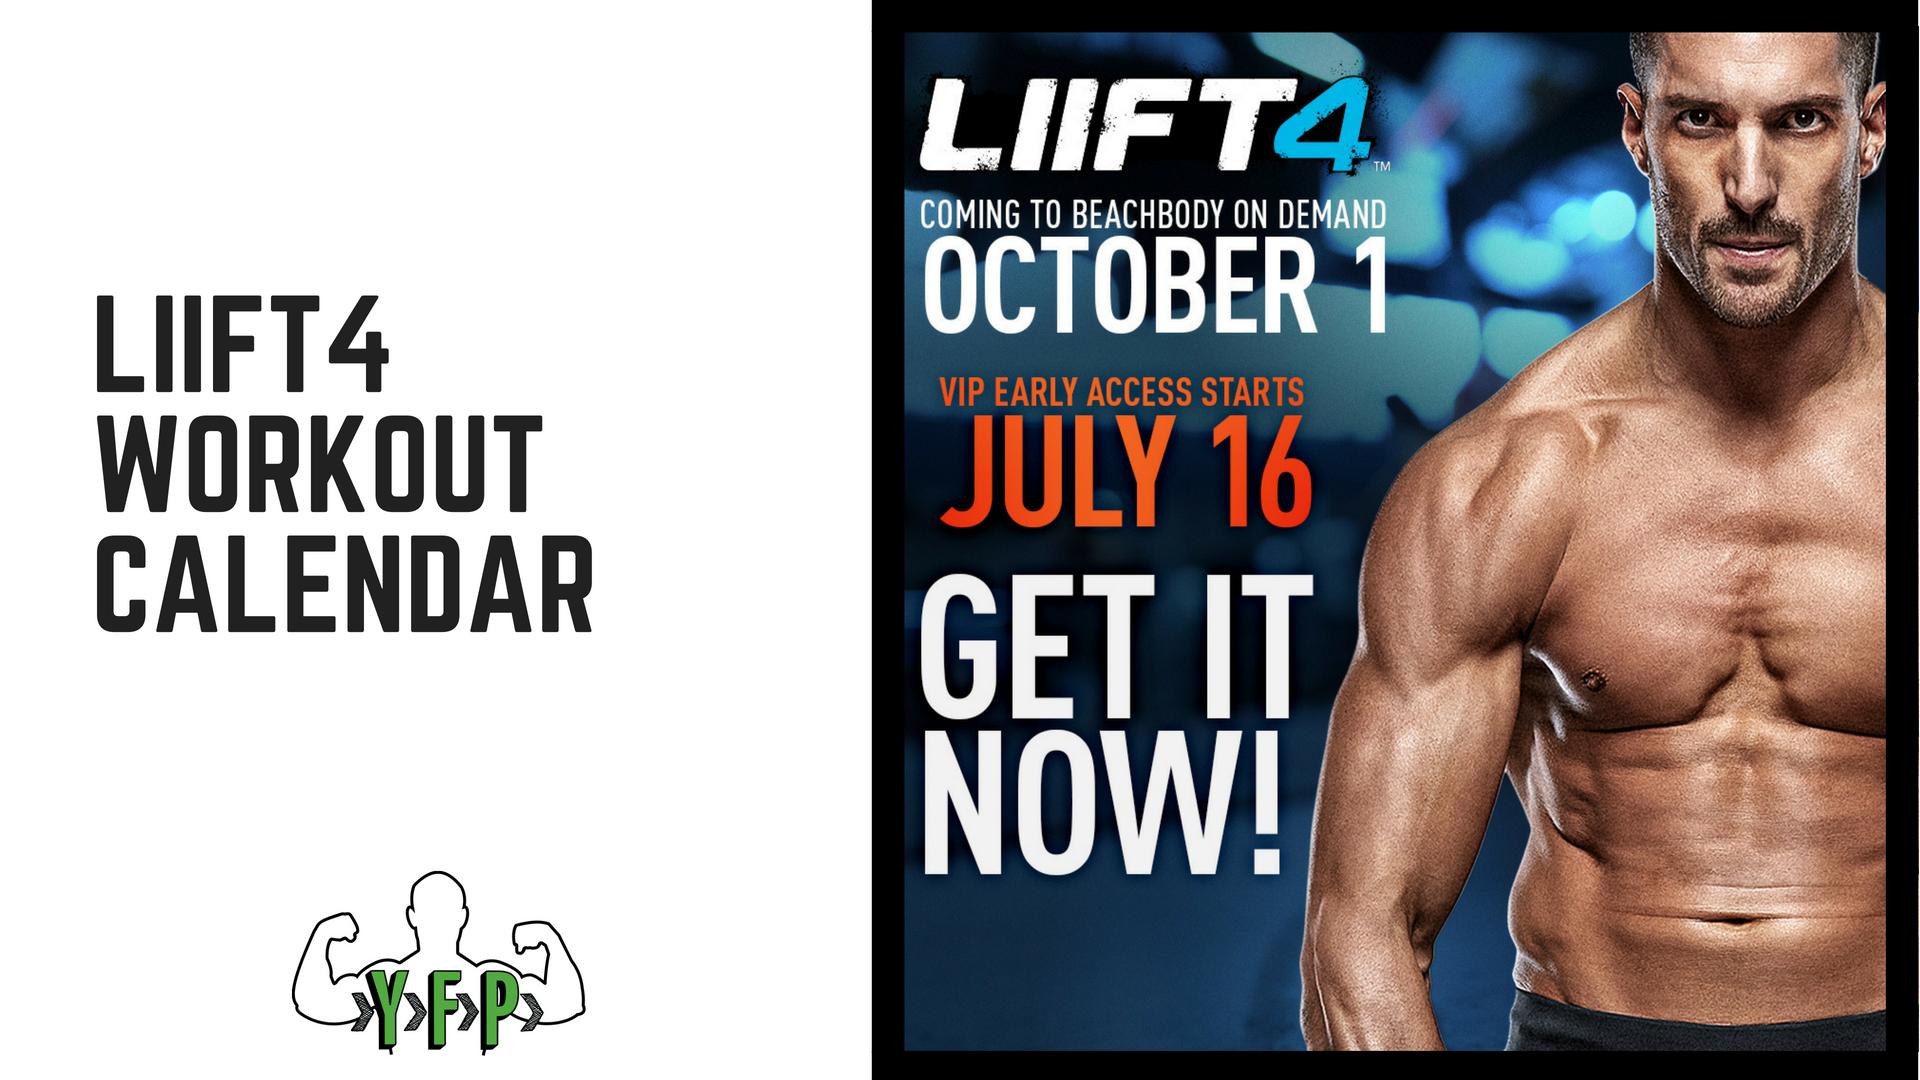 LIIFT4 - Workout Calendar